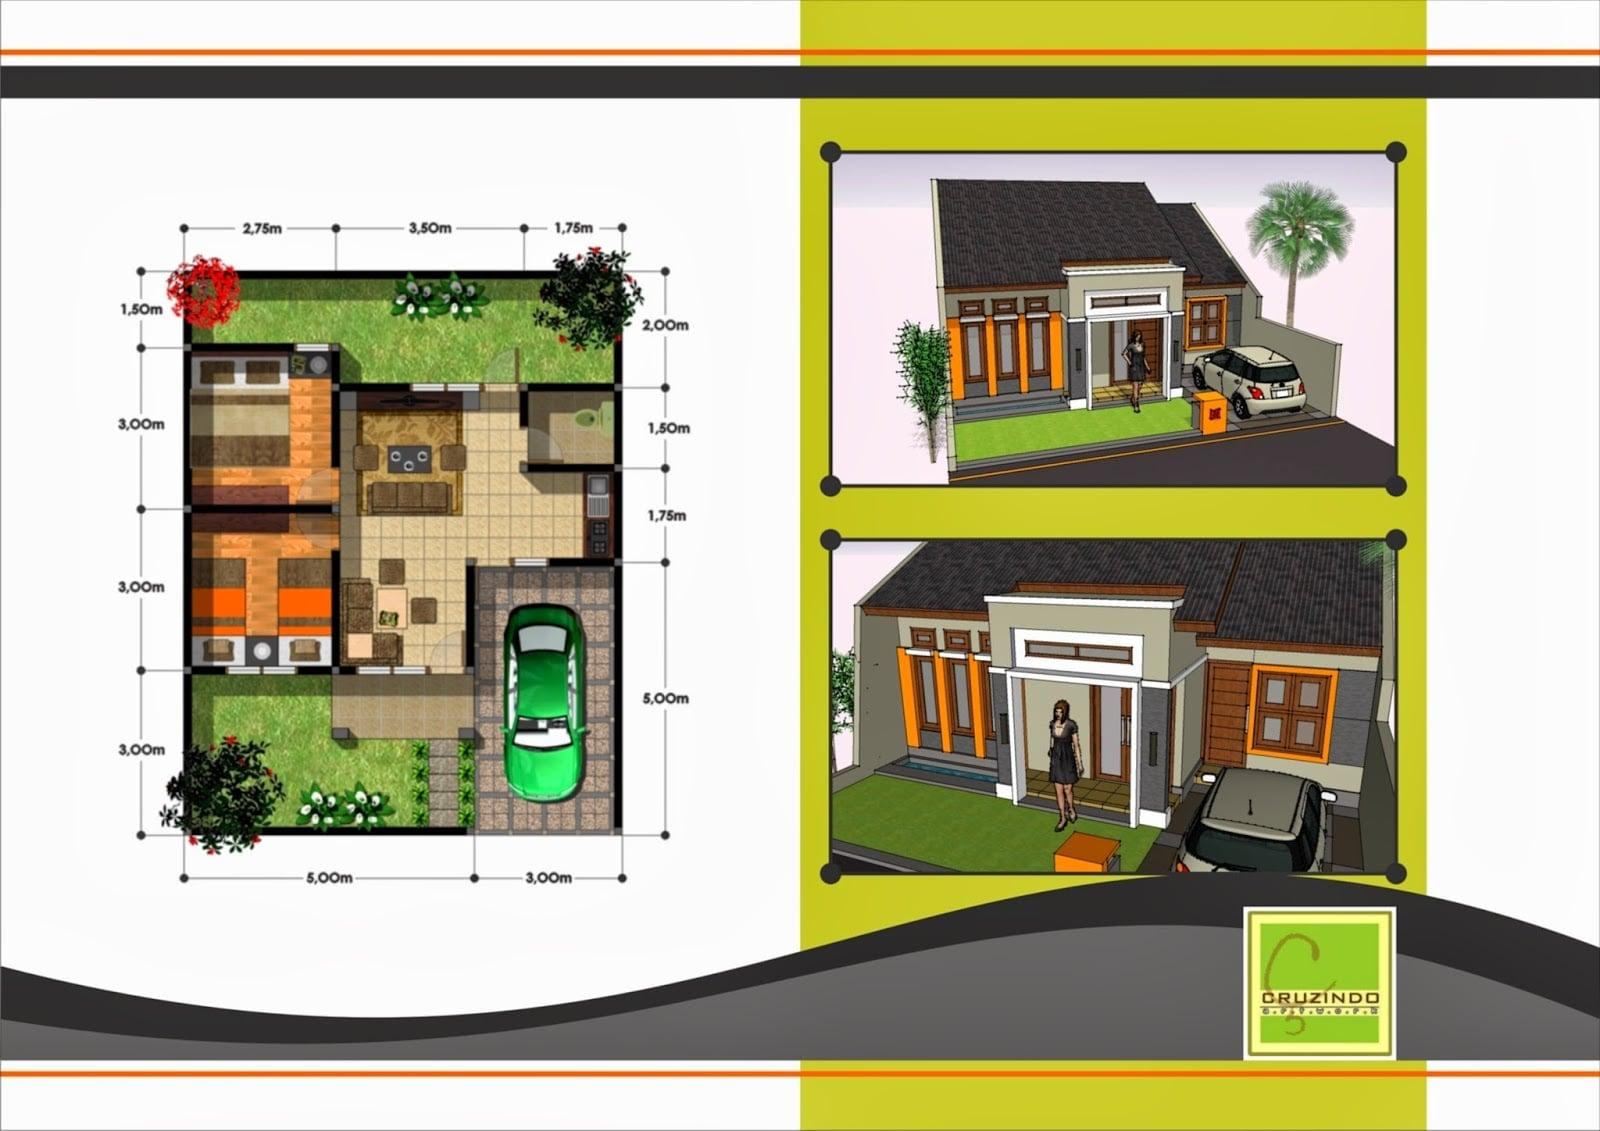 Unik Desain Rumah Sederhana Ukuran 6x8 14 Dengan Tambahan Inspirasi Ide Desain Interior Rumah untuk Desain Rumah Sederhana Ukuran 6x8